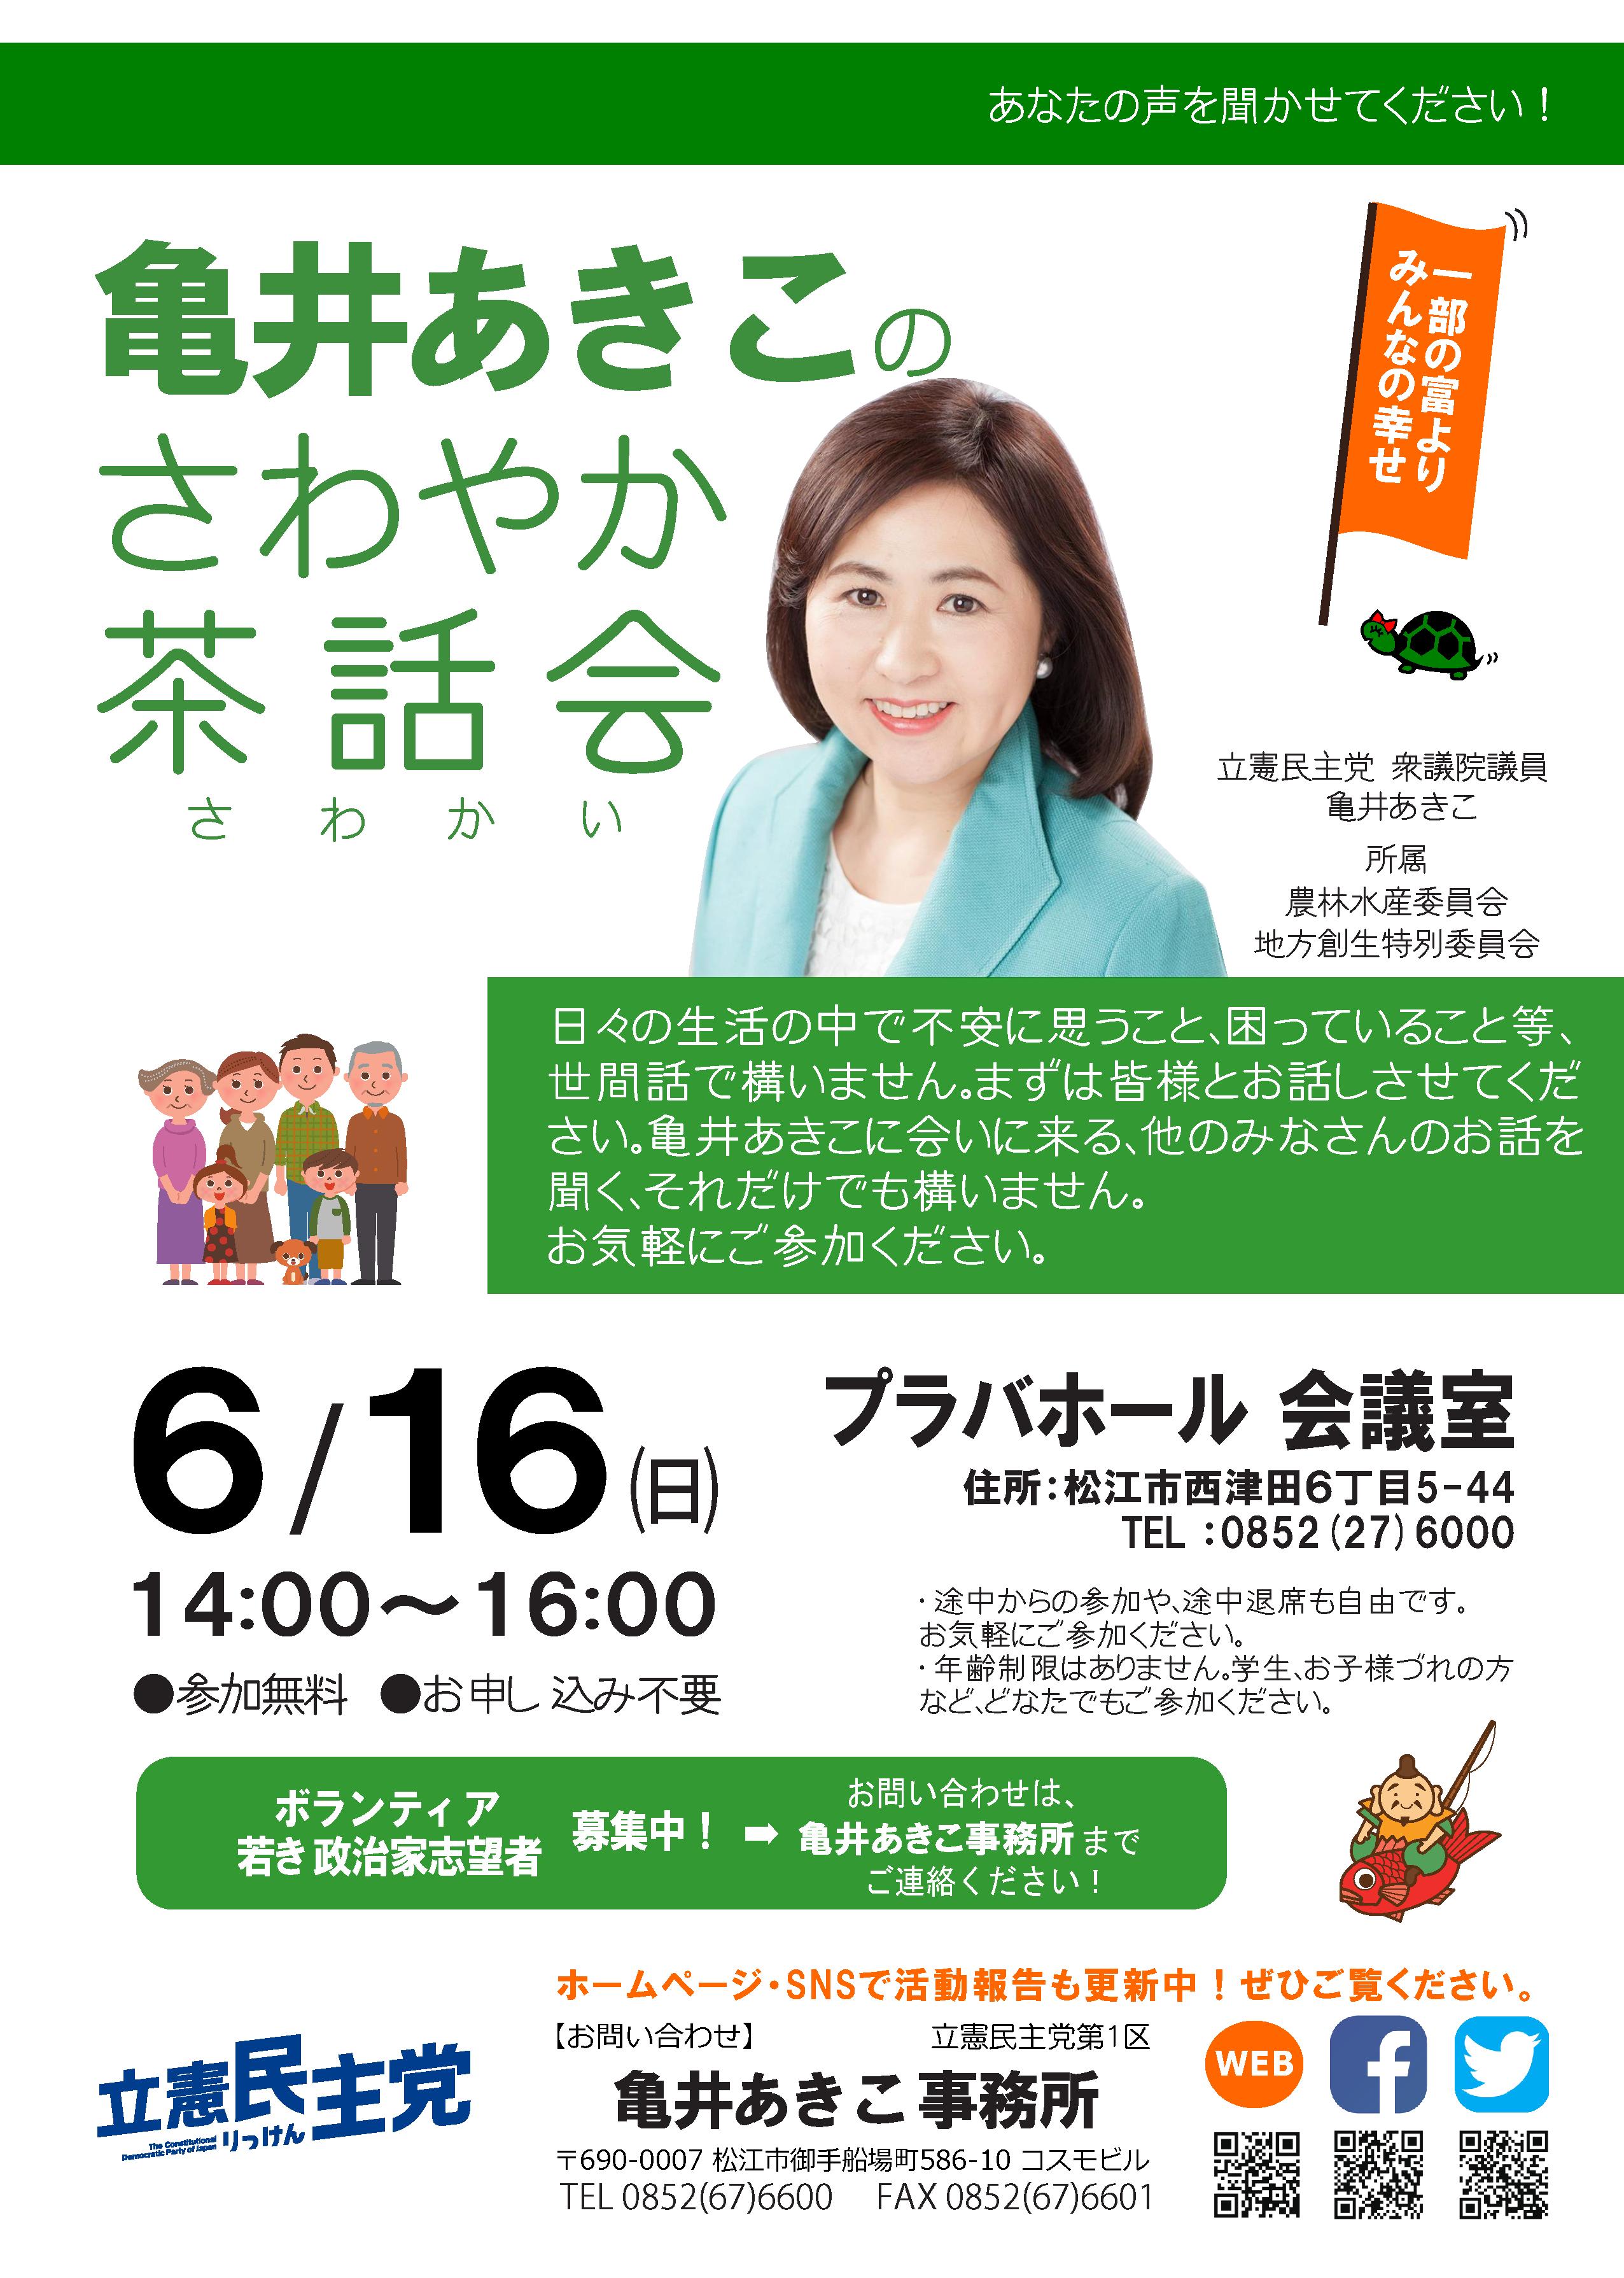 亀井あきこのさわやか茶話会 6月16日(日)14時〜 チラシ